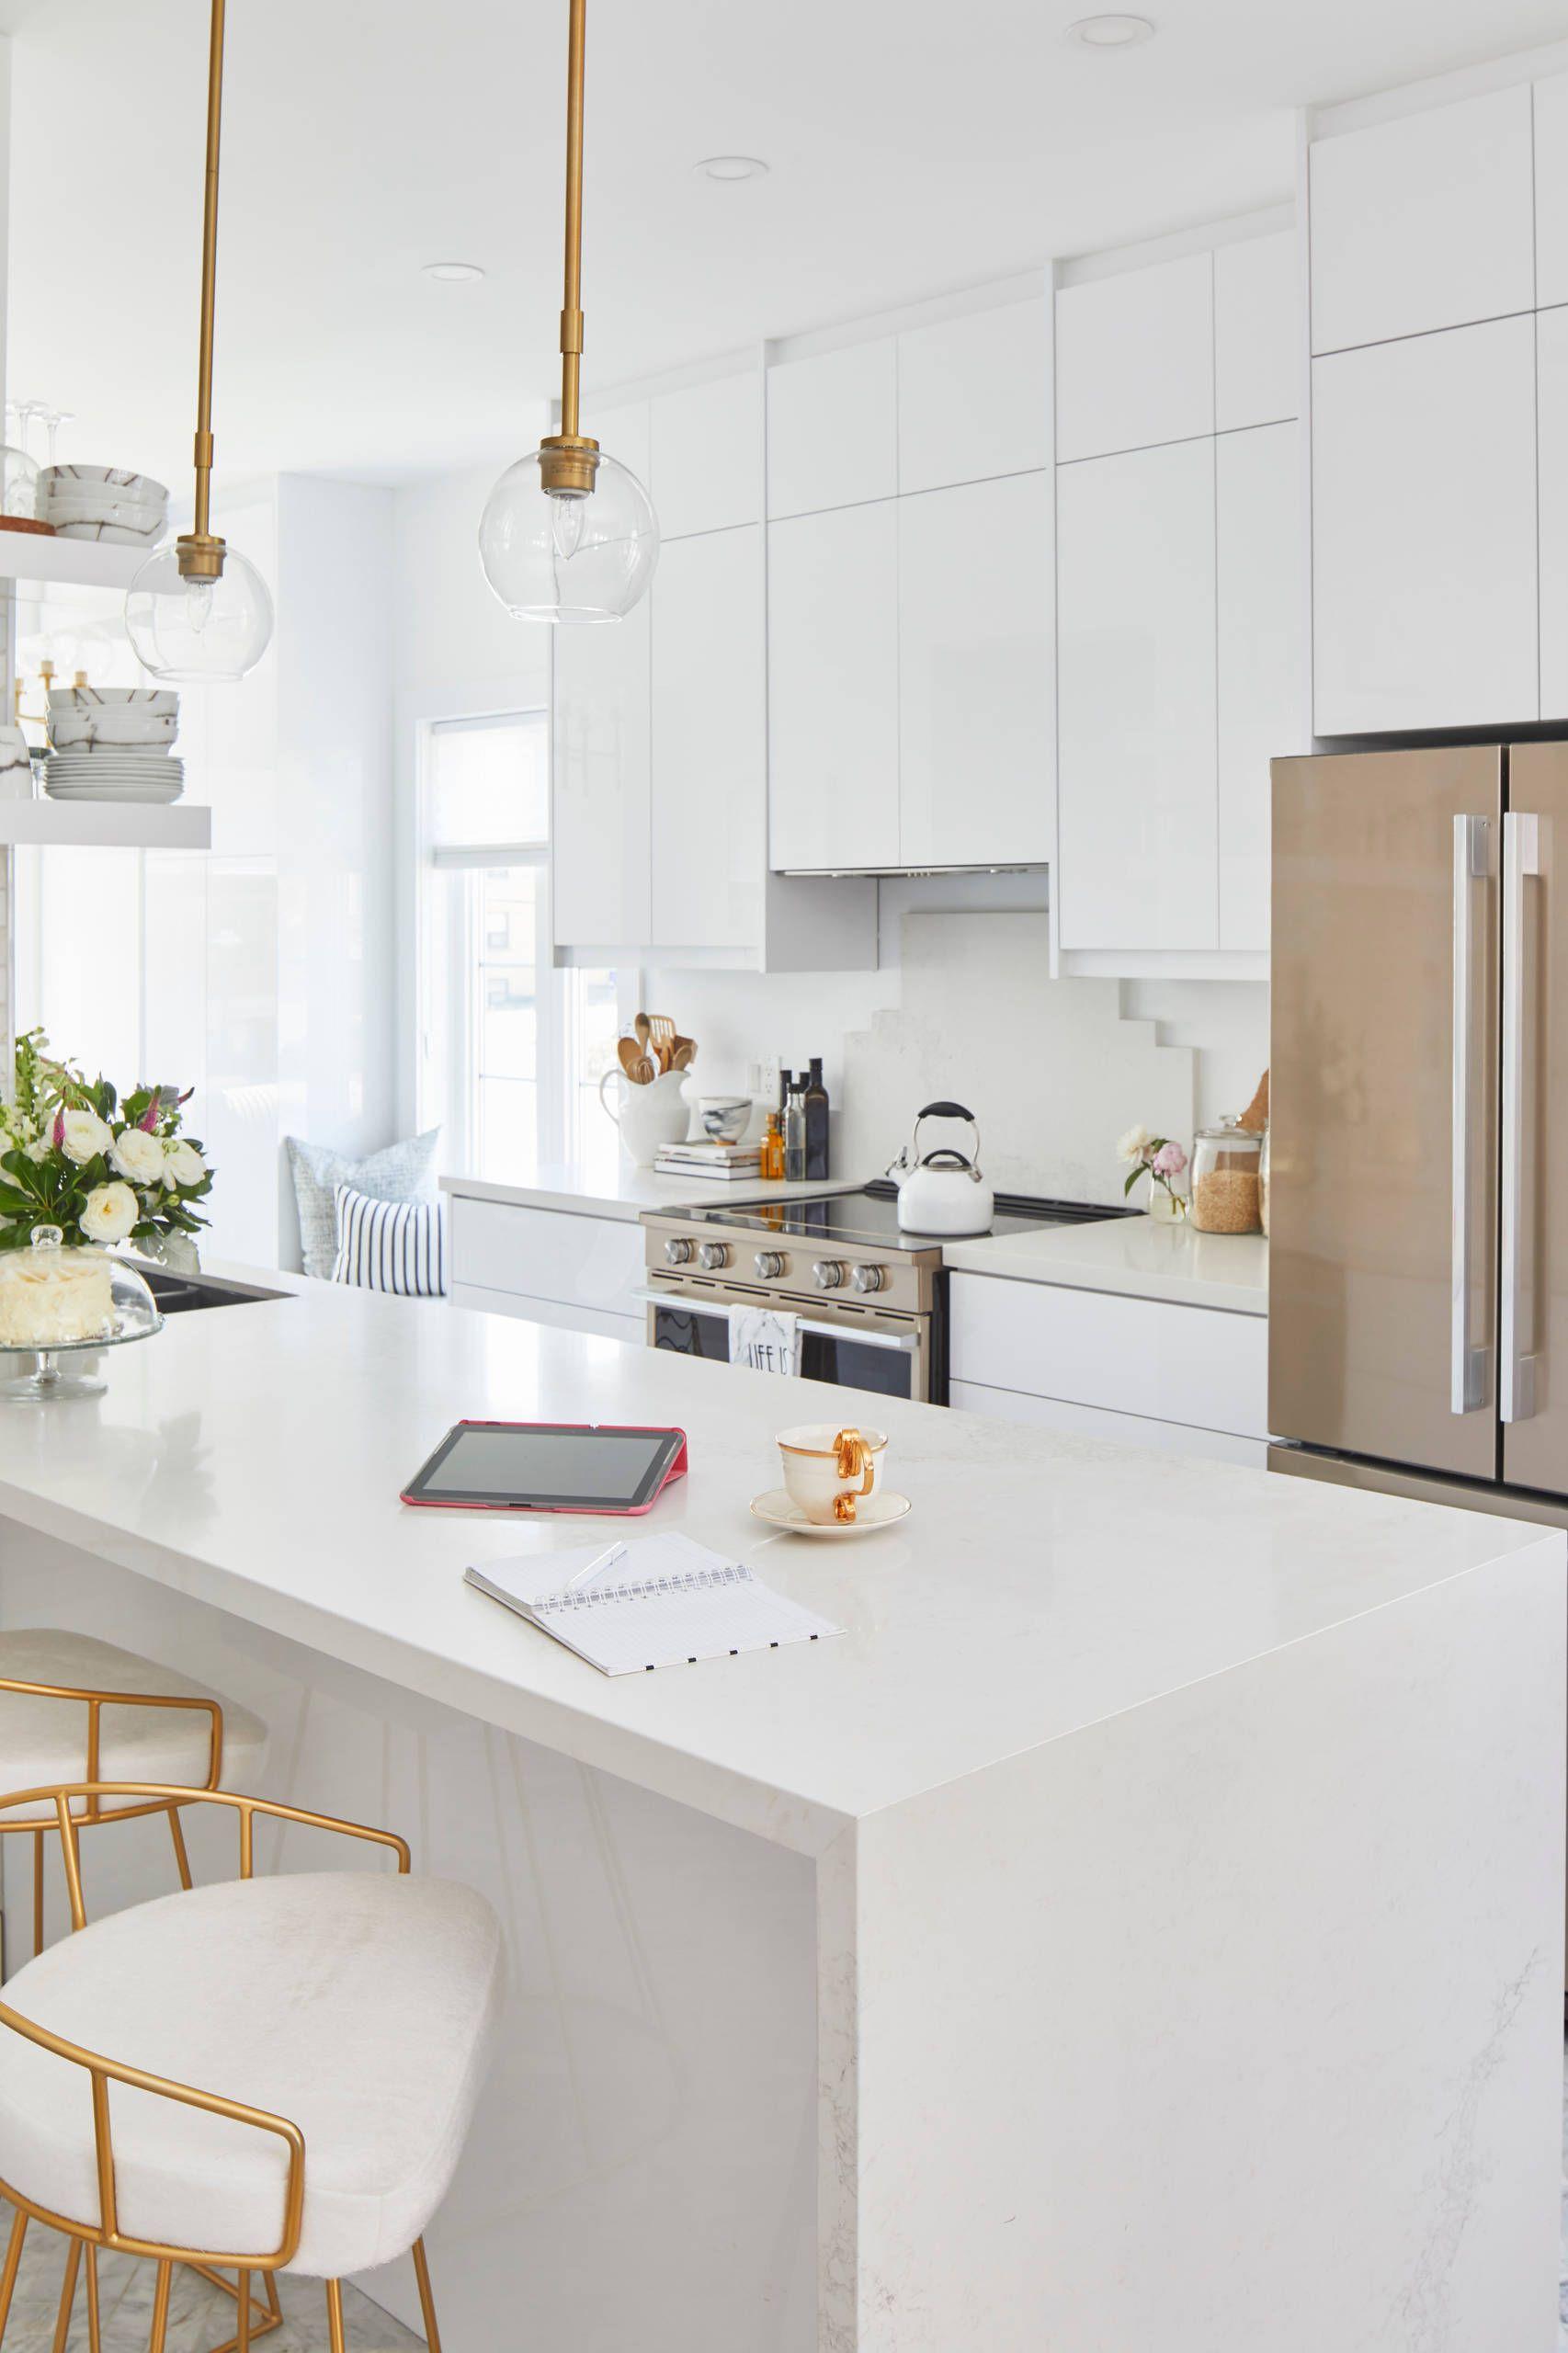 Contemporary Kitchen - Houzz | Kitchen island decor, Kitchen ...